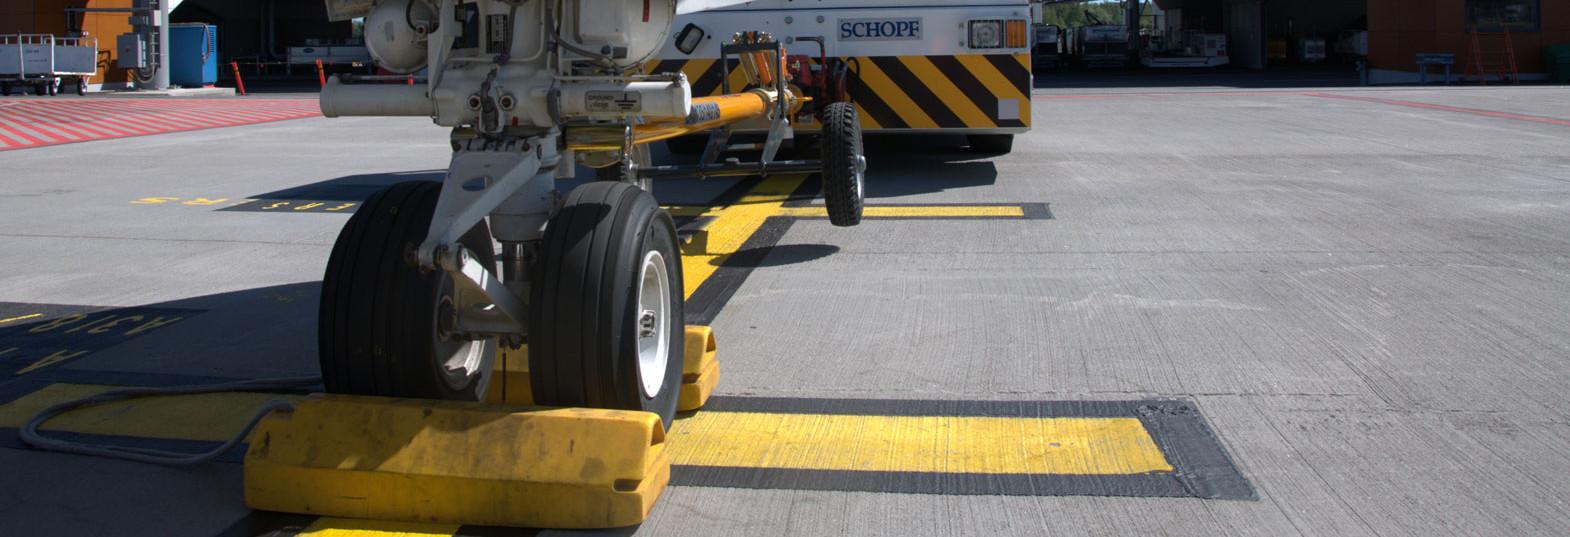 Õhusõidukite-hooldus